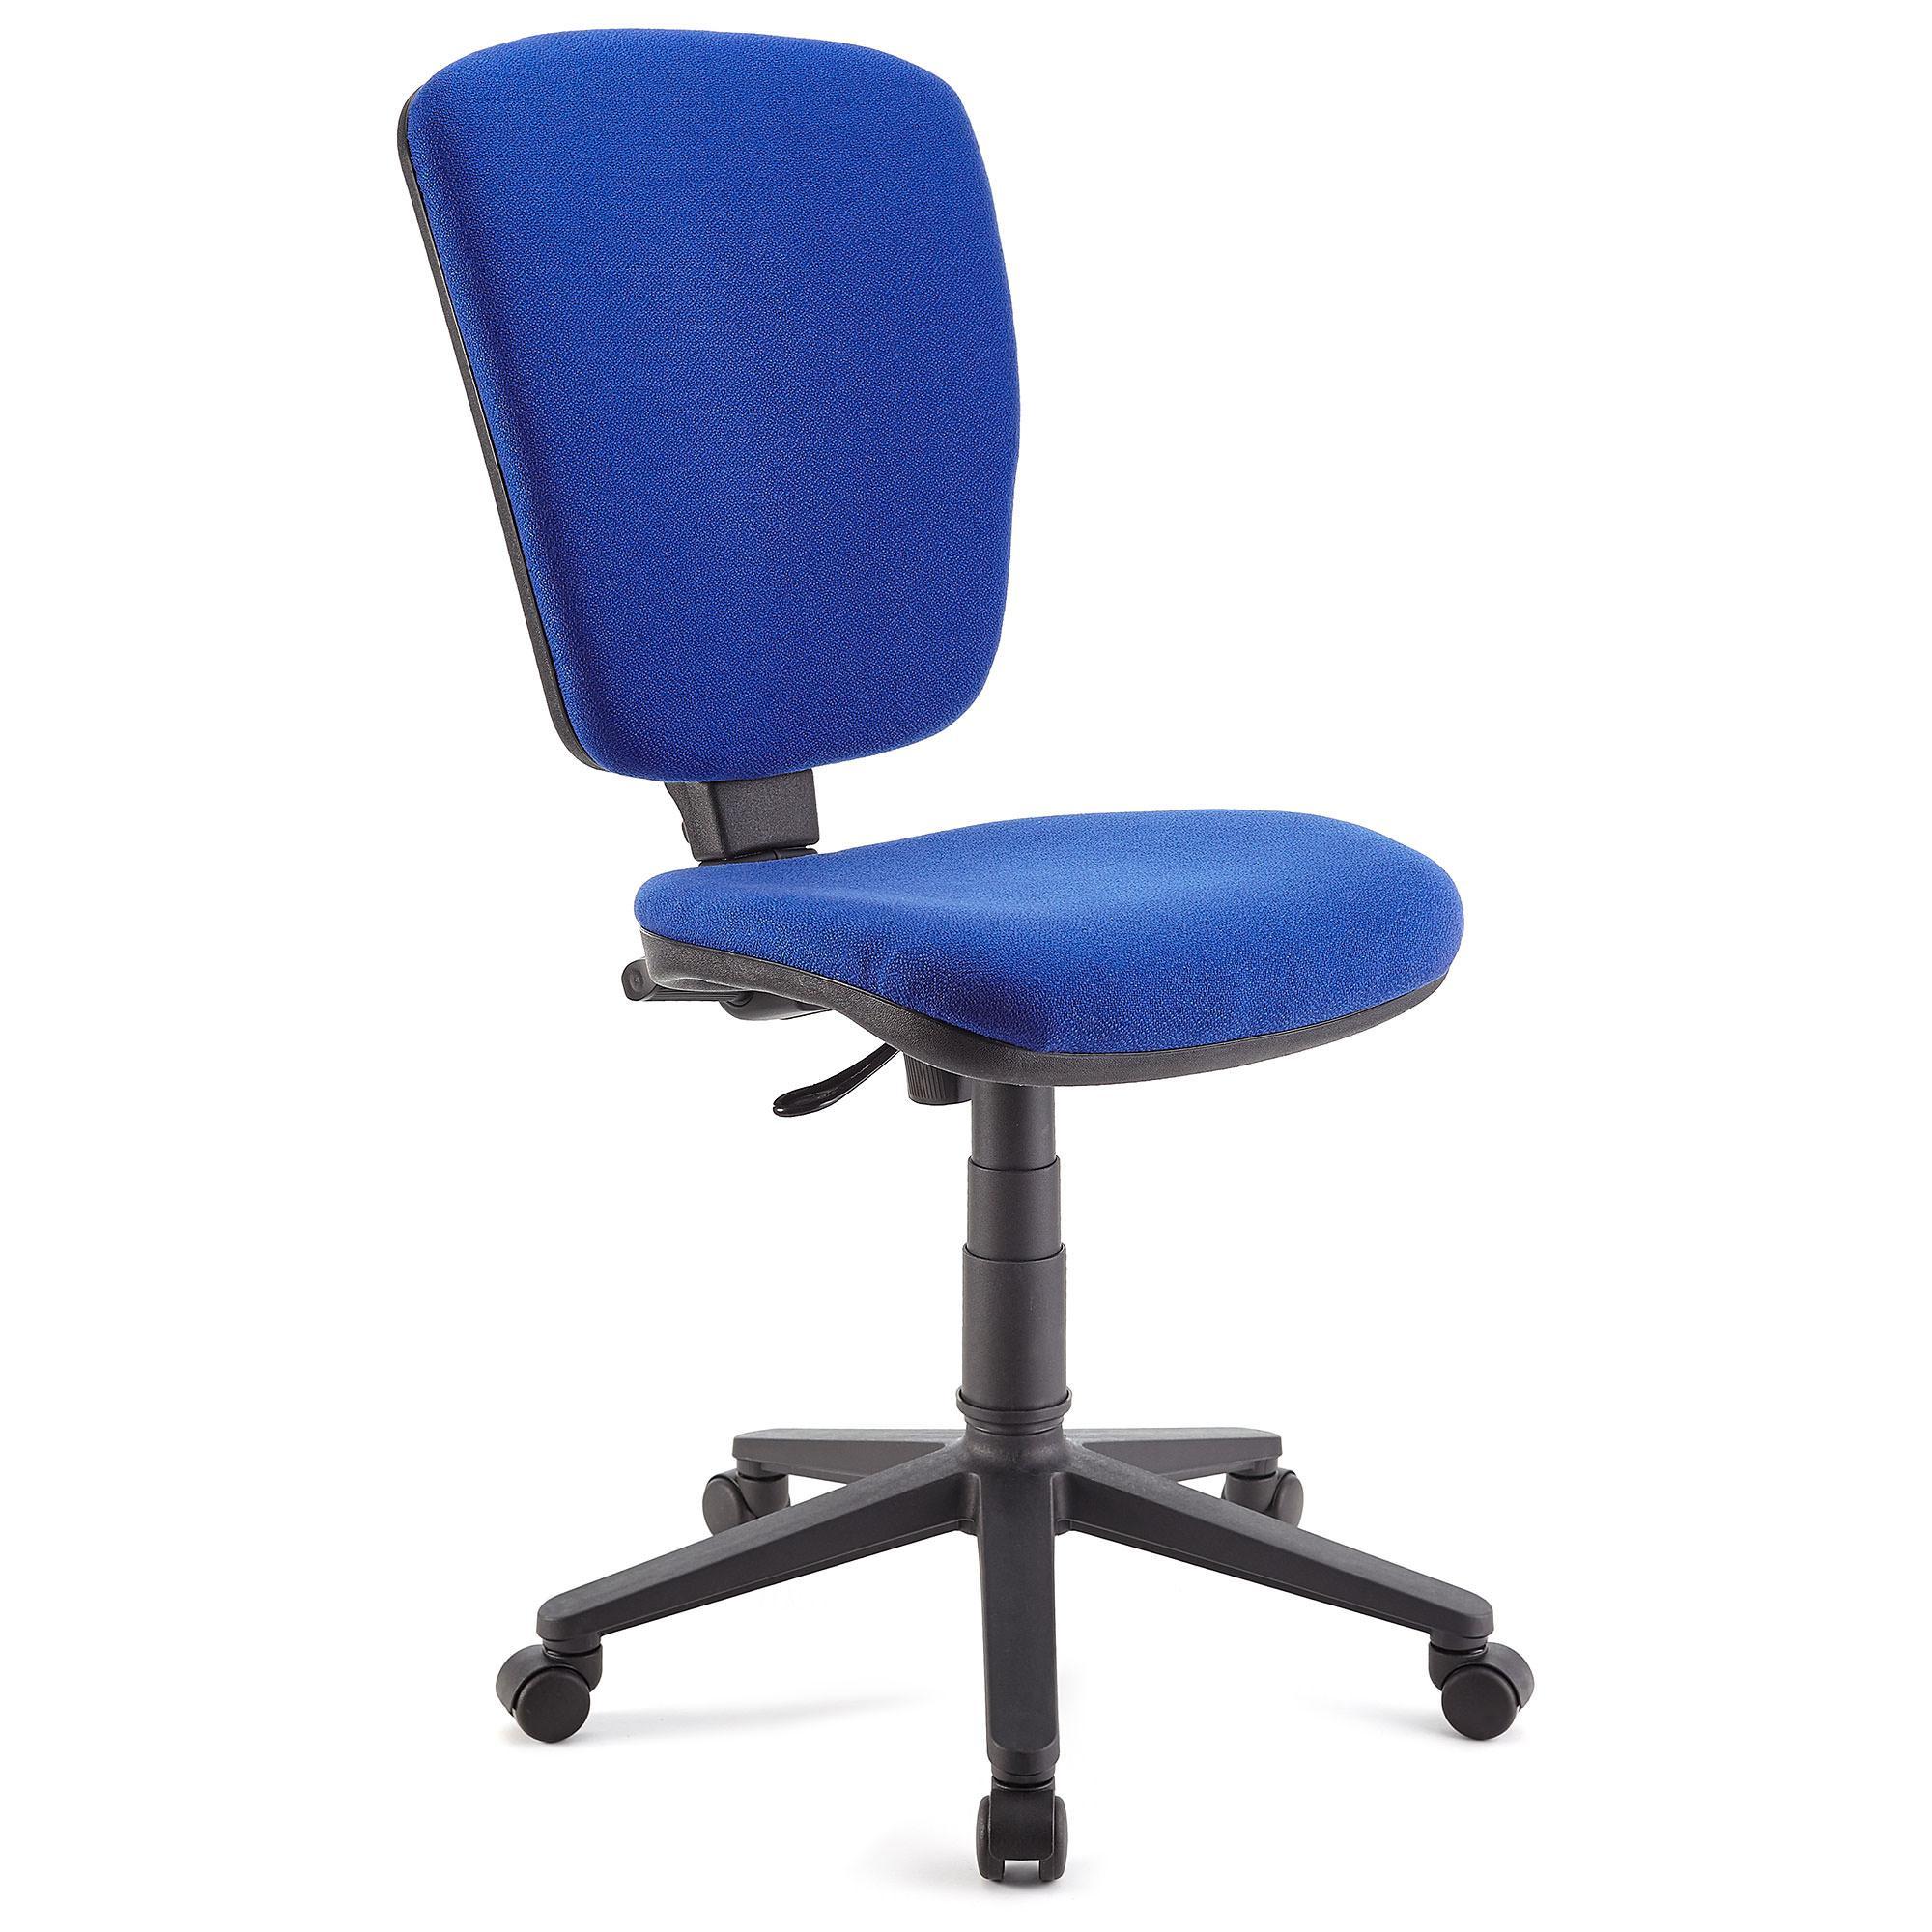 Silla de oficina calipso sin brazos respaldo ajustable for Sillas giratorias de oficina